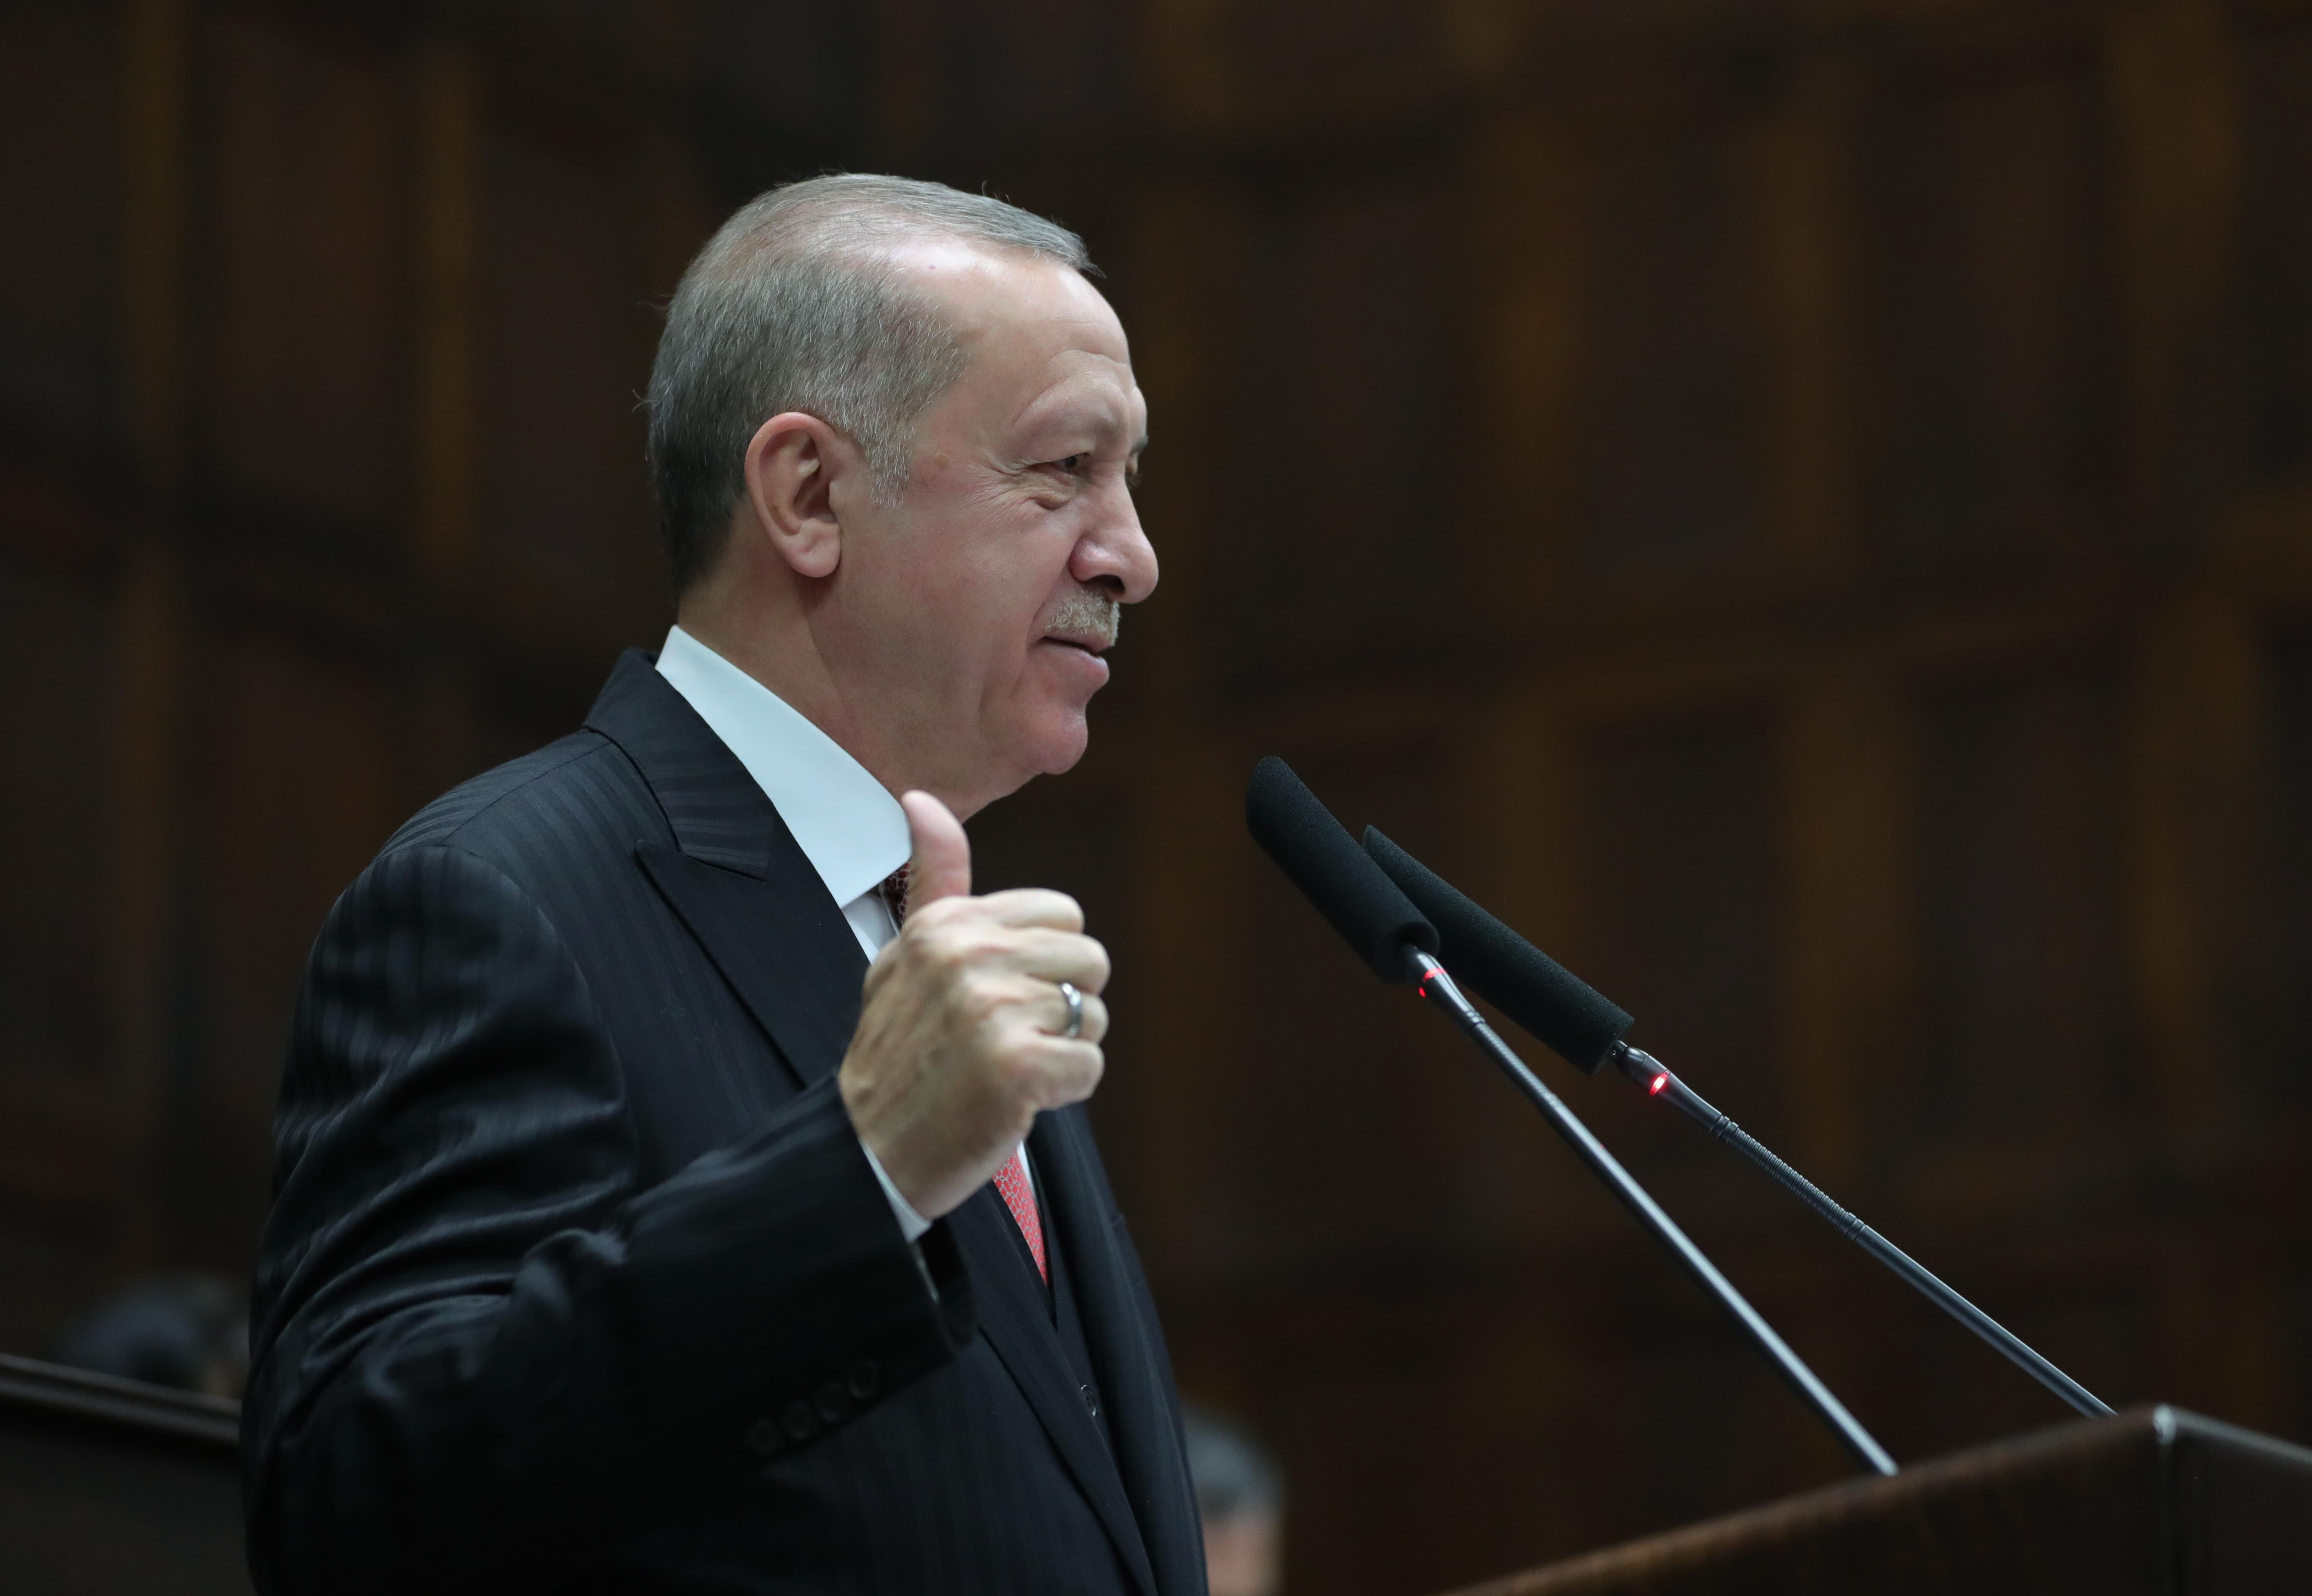 Cumhurbaşkanı Erdoğan net konuştu: Ortada 128 milyar dolar diye bir rakam yok